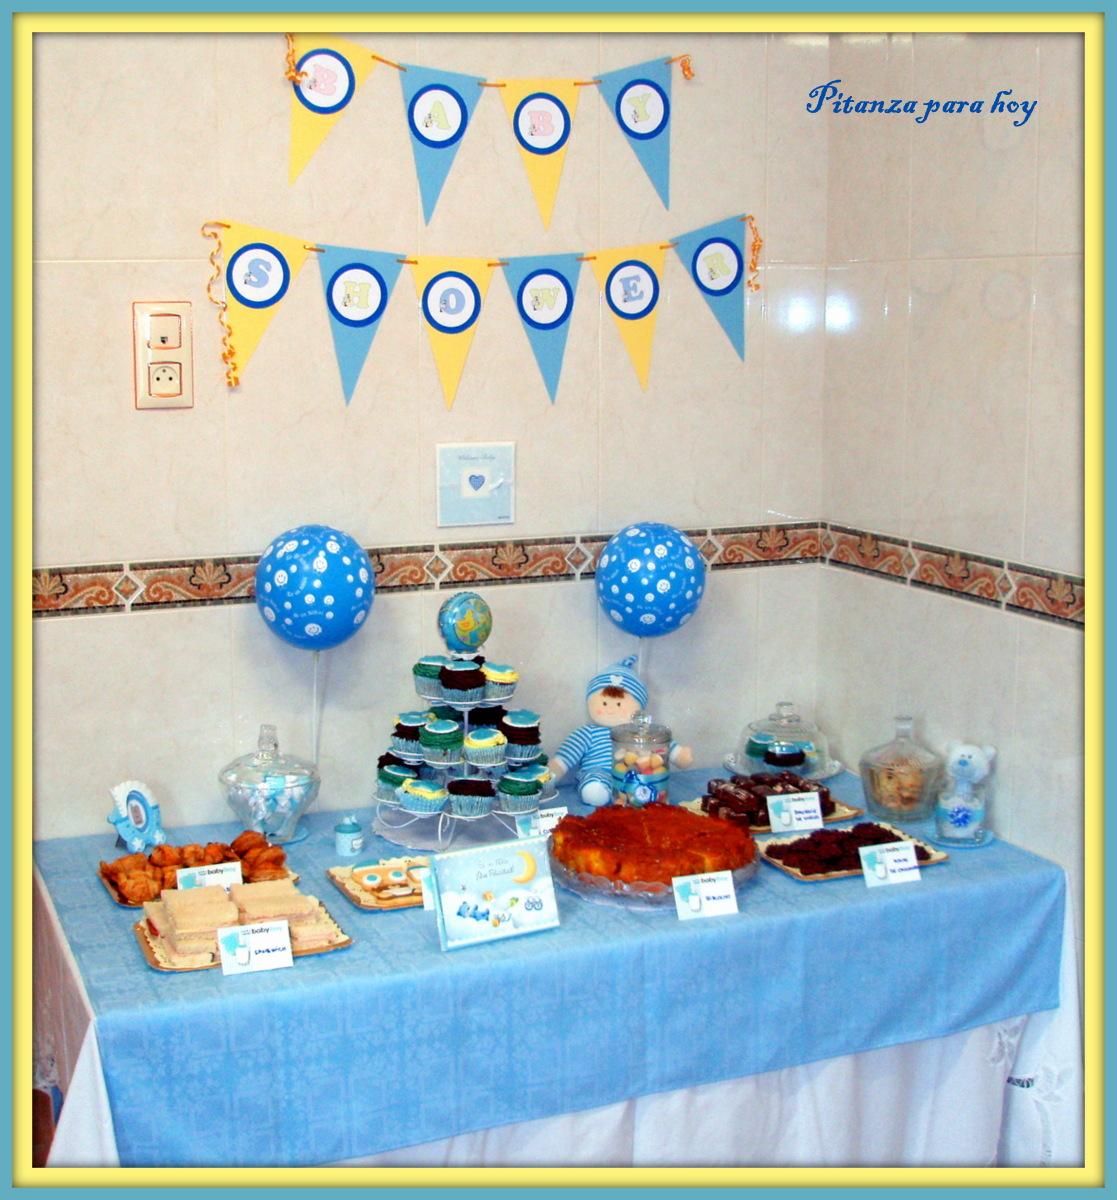 Pitanza para hoy c mo organizar una fiesta de baby shower for Preparativos para baby shower